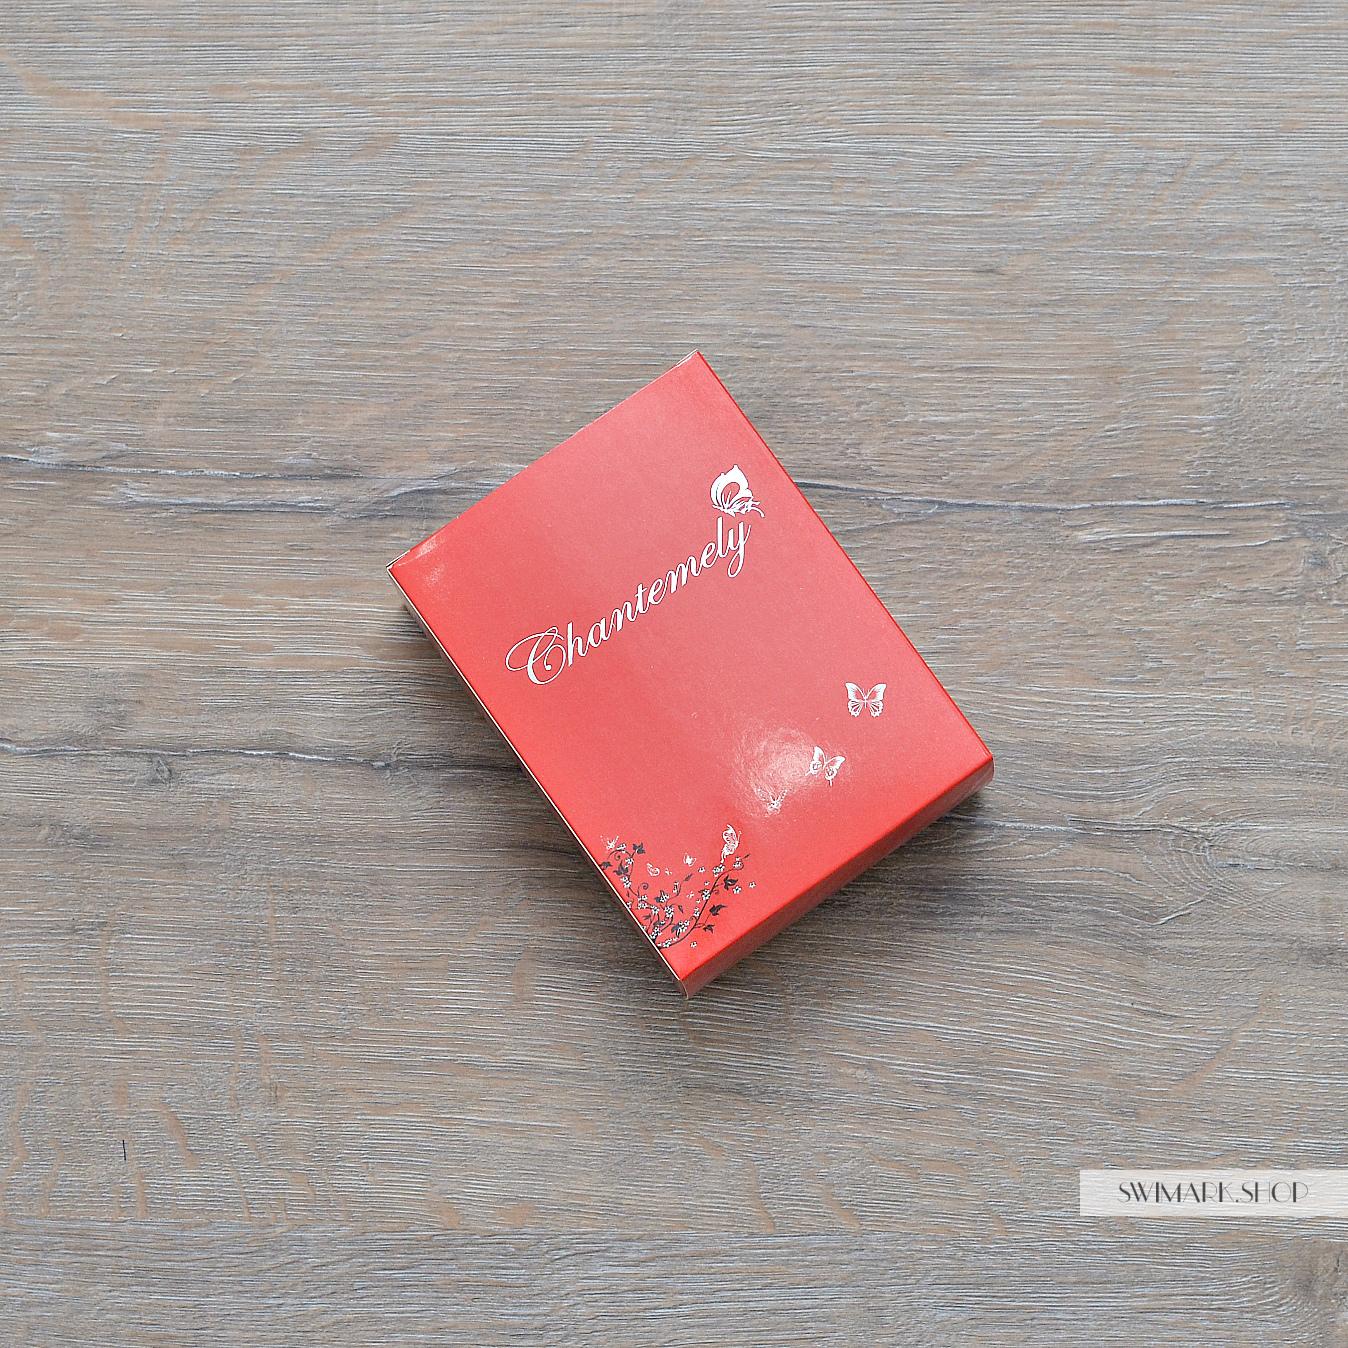 Комплекты Коробка Chantemely DSC_4559.jpg